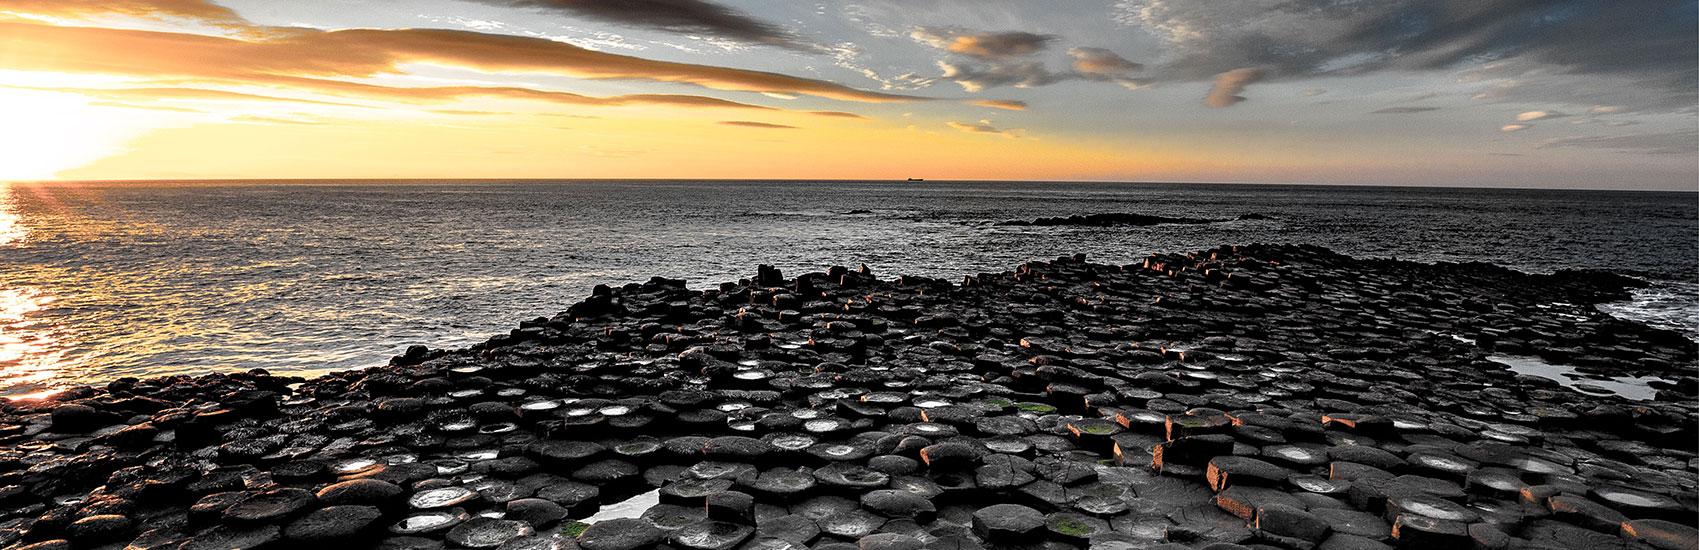 Explore Ireland 4